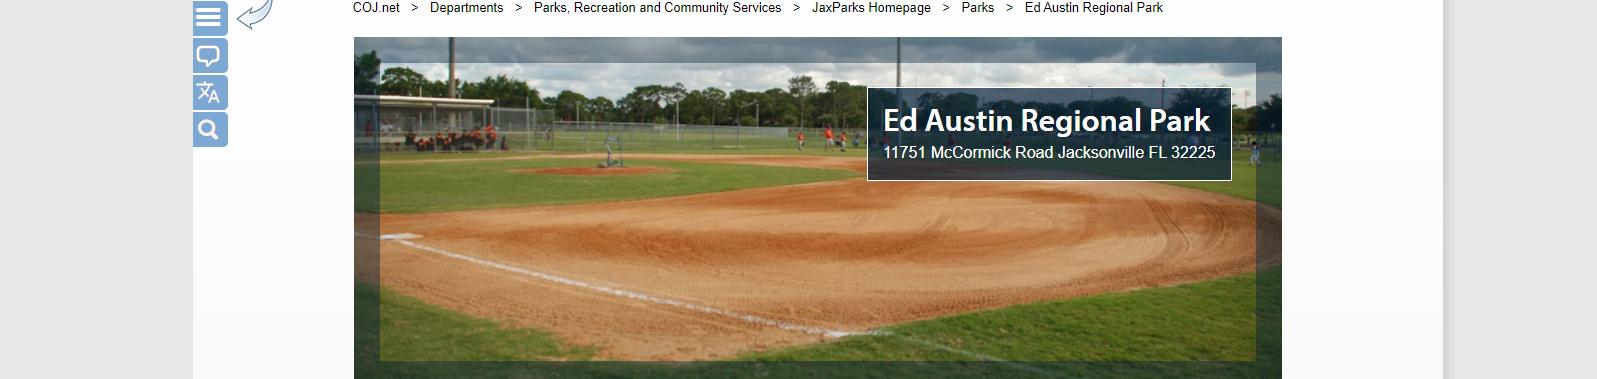 Ed Austin Regional Park